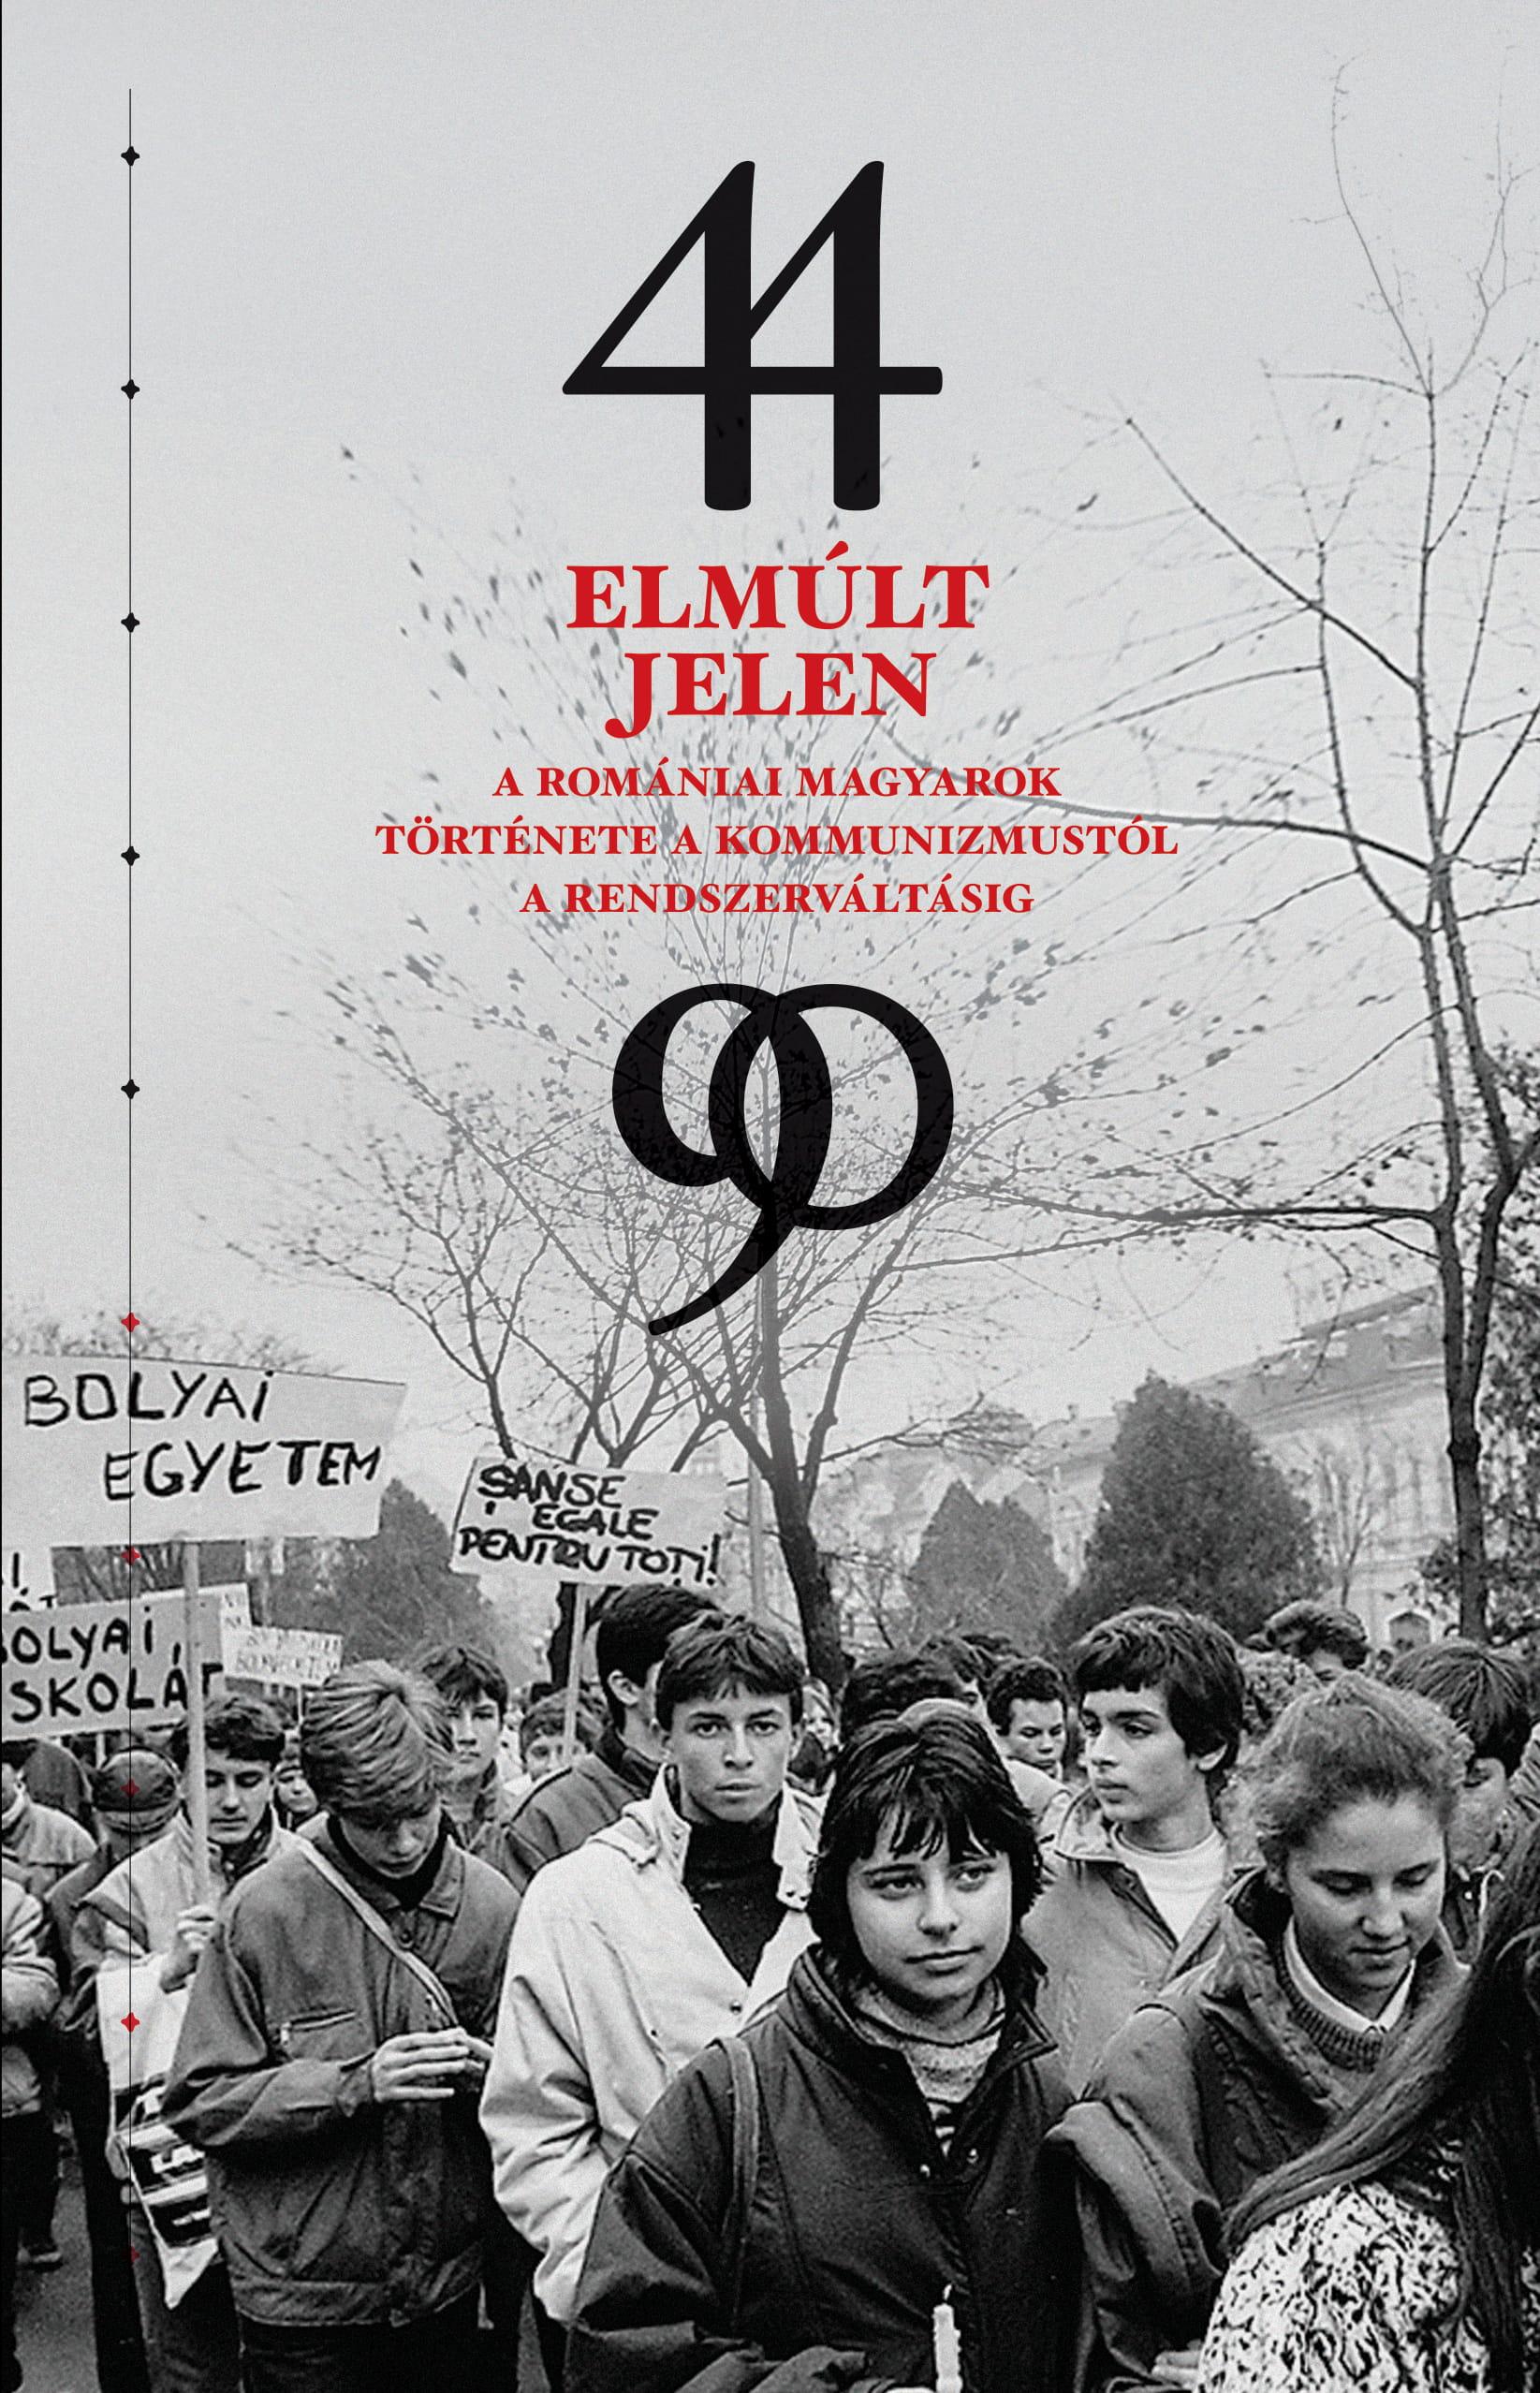 Elmúlt jelen – A romániai magyarok története a kommunizmustól a rendszerváltásig